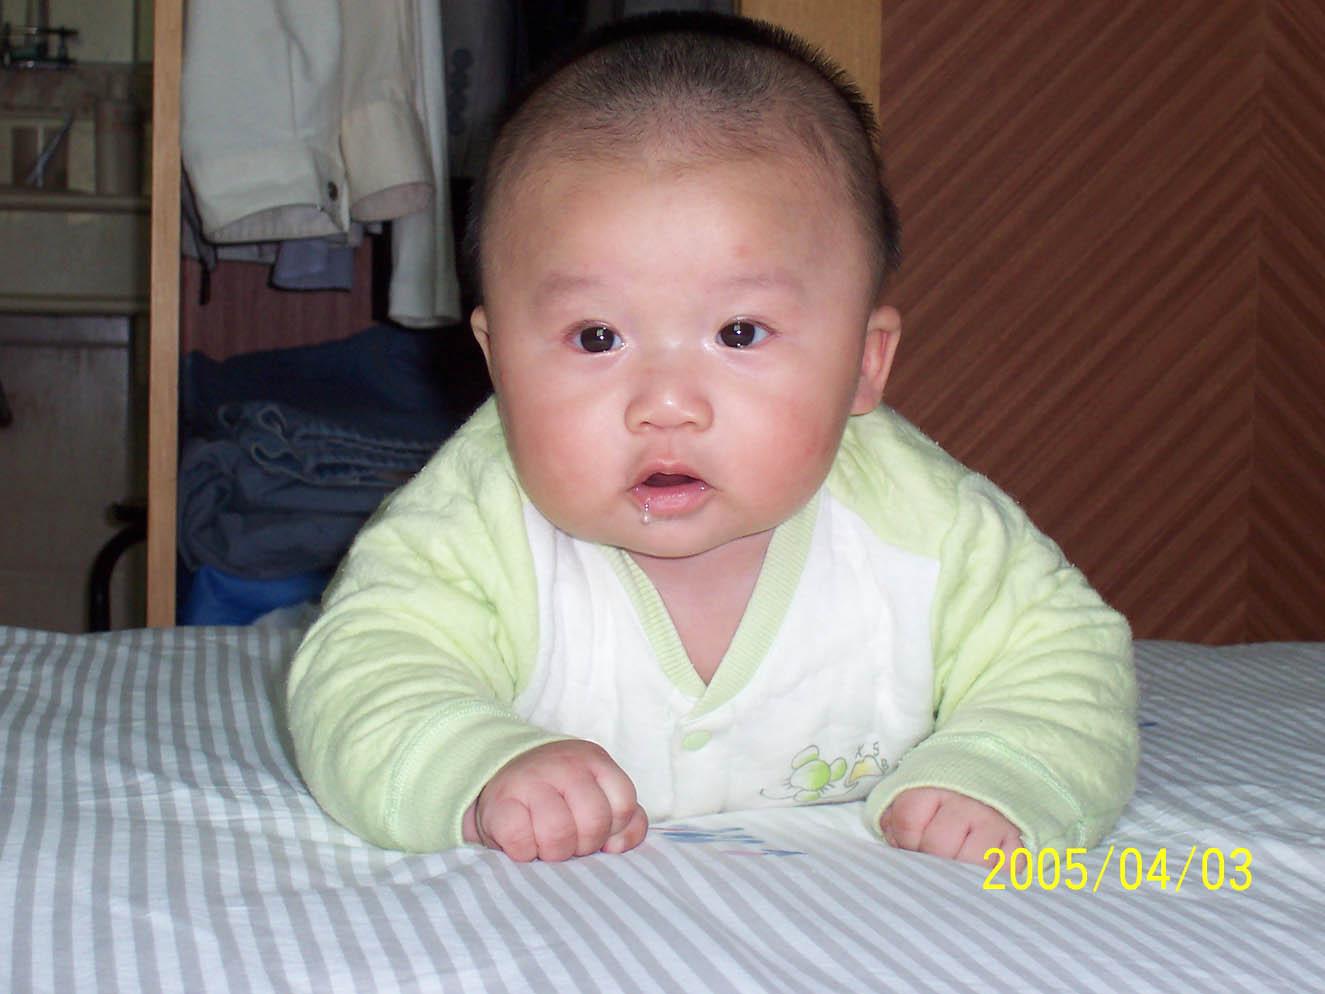 我家的宝宝四个月就长牙了,看他流口水的样子真可爱.